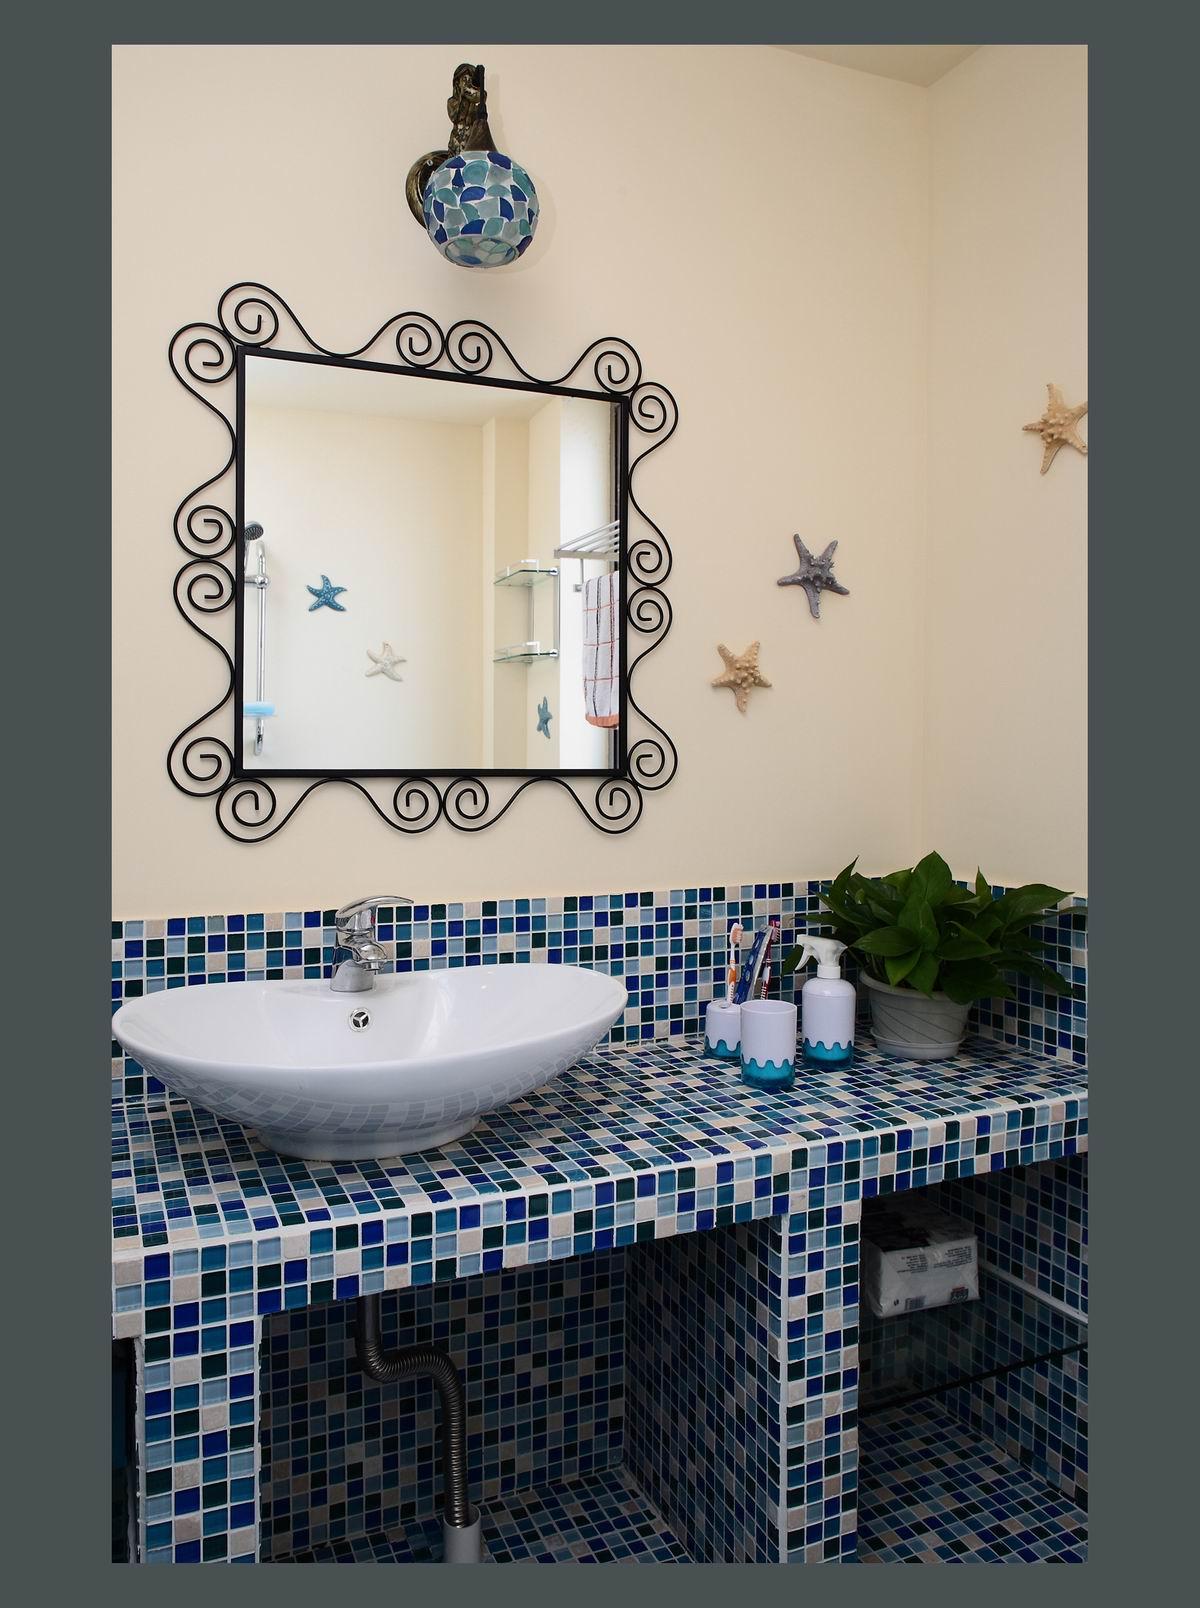 卫生间的花边状镜子简单又时尚,墙上的海星装饰了墙面的空白。